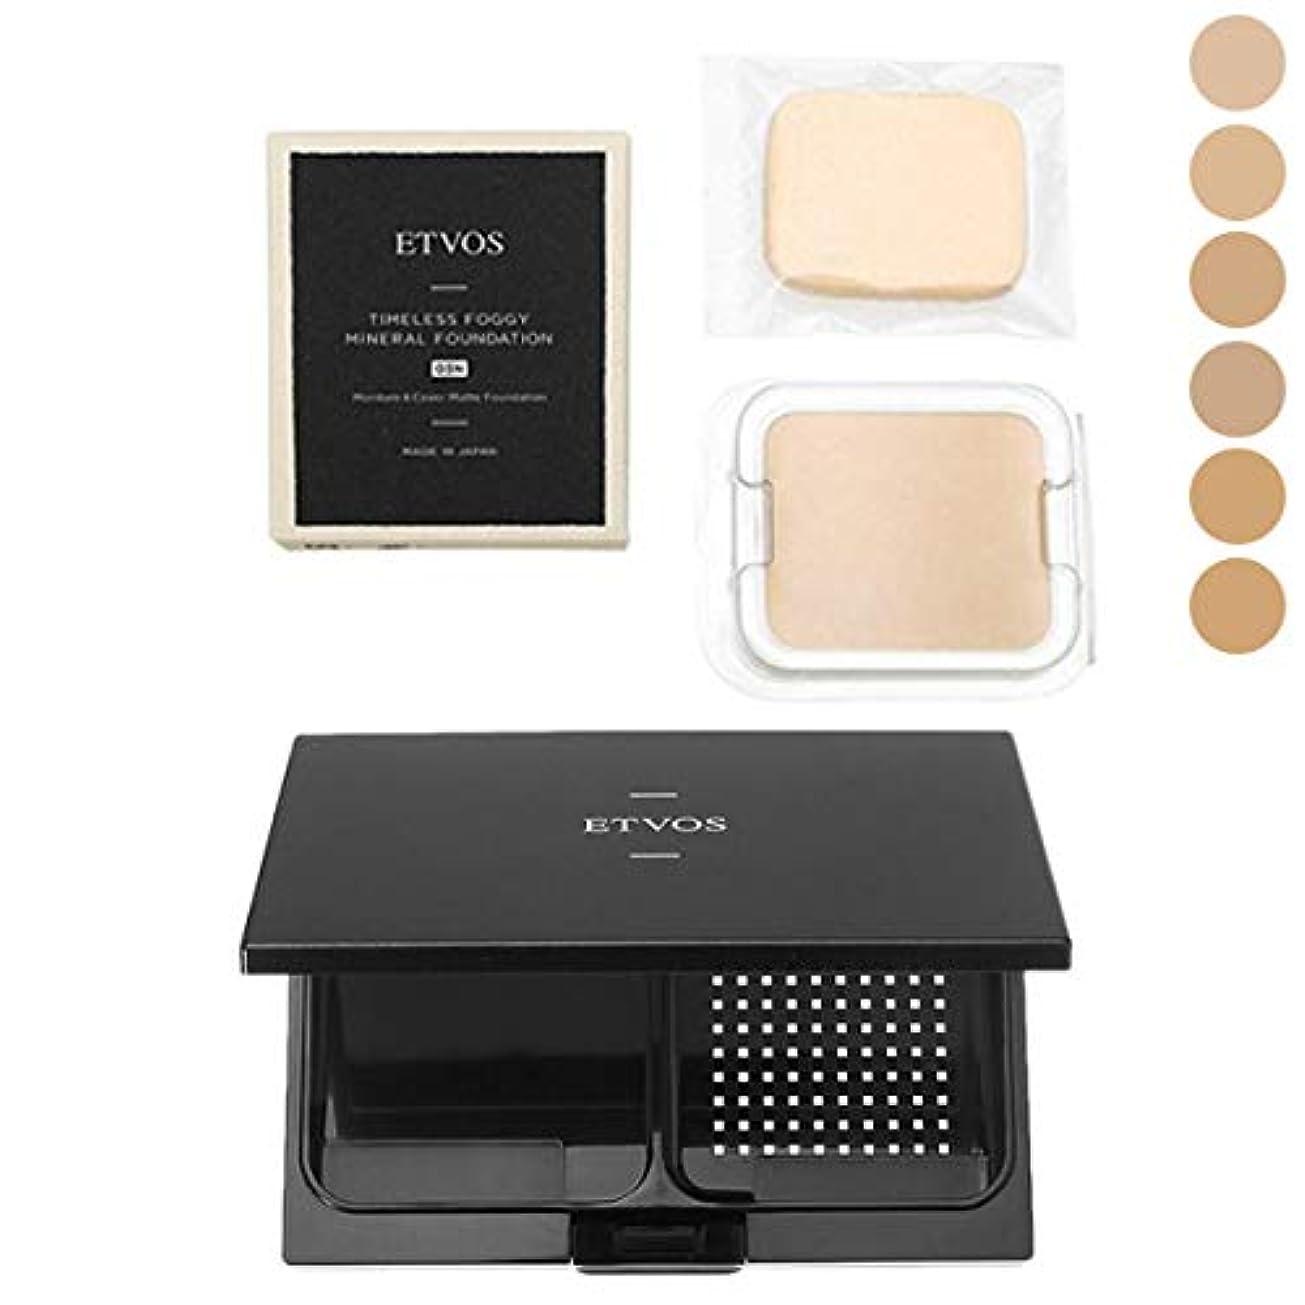 繰り返しバケット配管工エトヴォス ETVOS タイムレスフォギーミネラルファンデーション SPF50+/PA++++ 10g 【ケース付】 03N 明るめの標準的な肌色 (在庫)